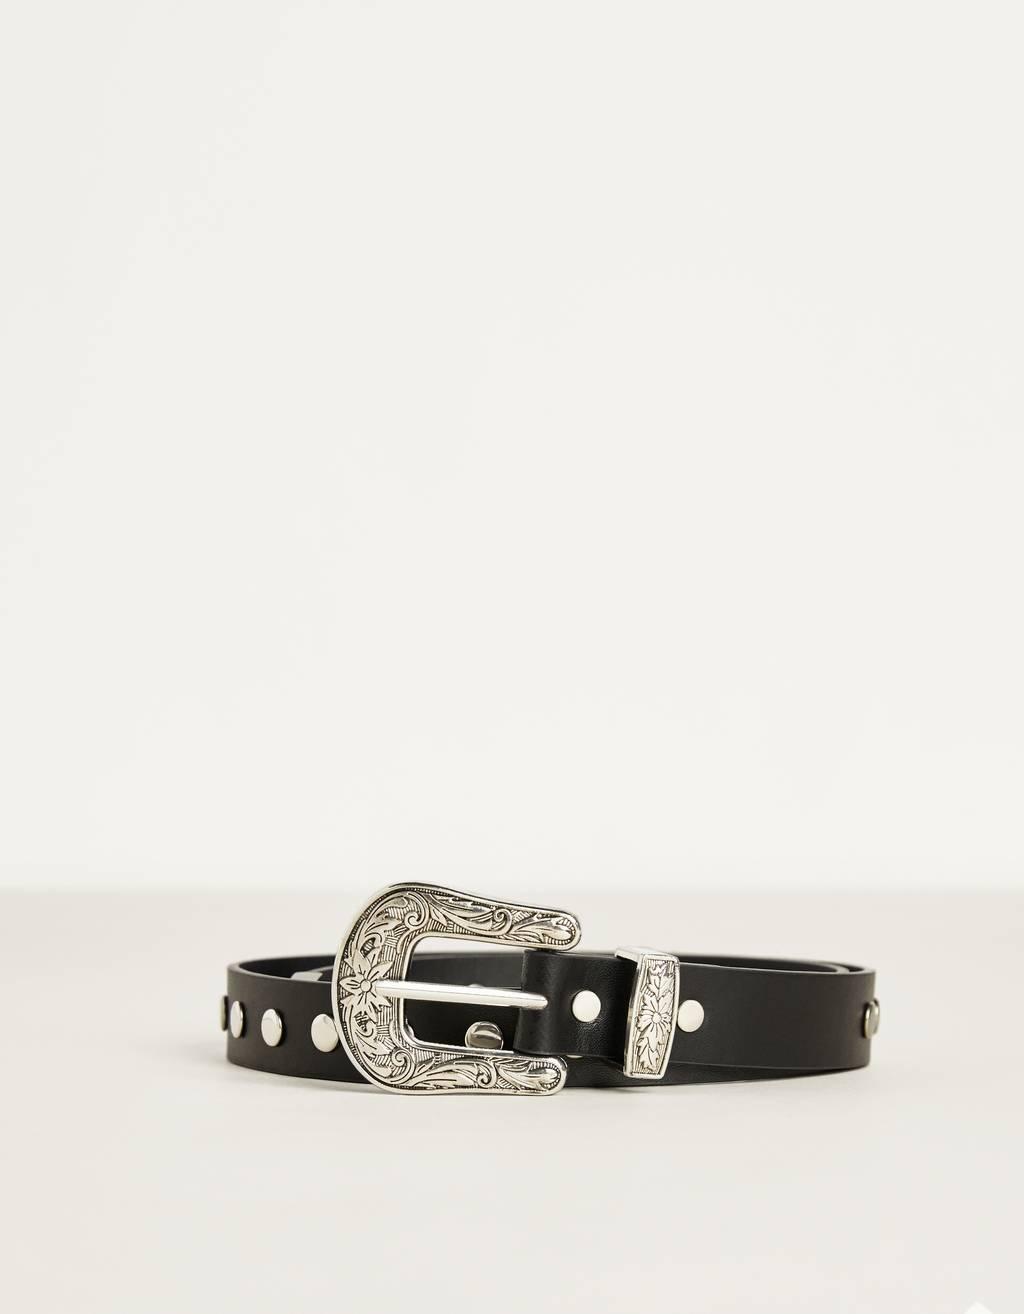 Cinturó western amb tatxes